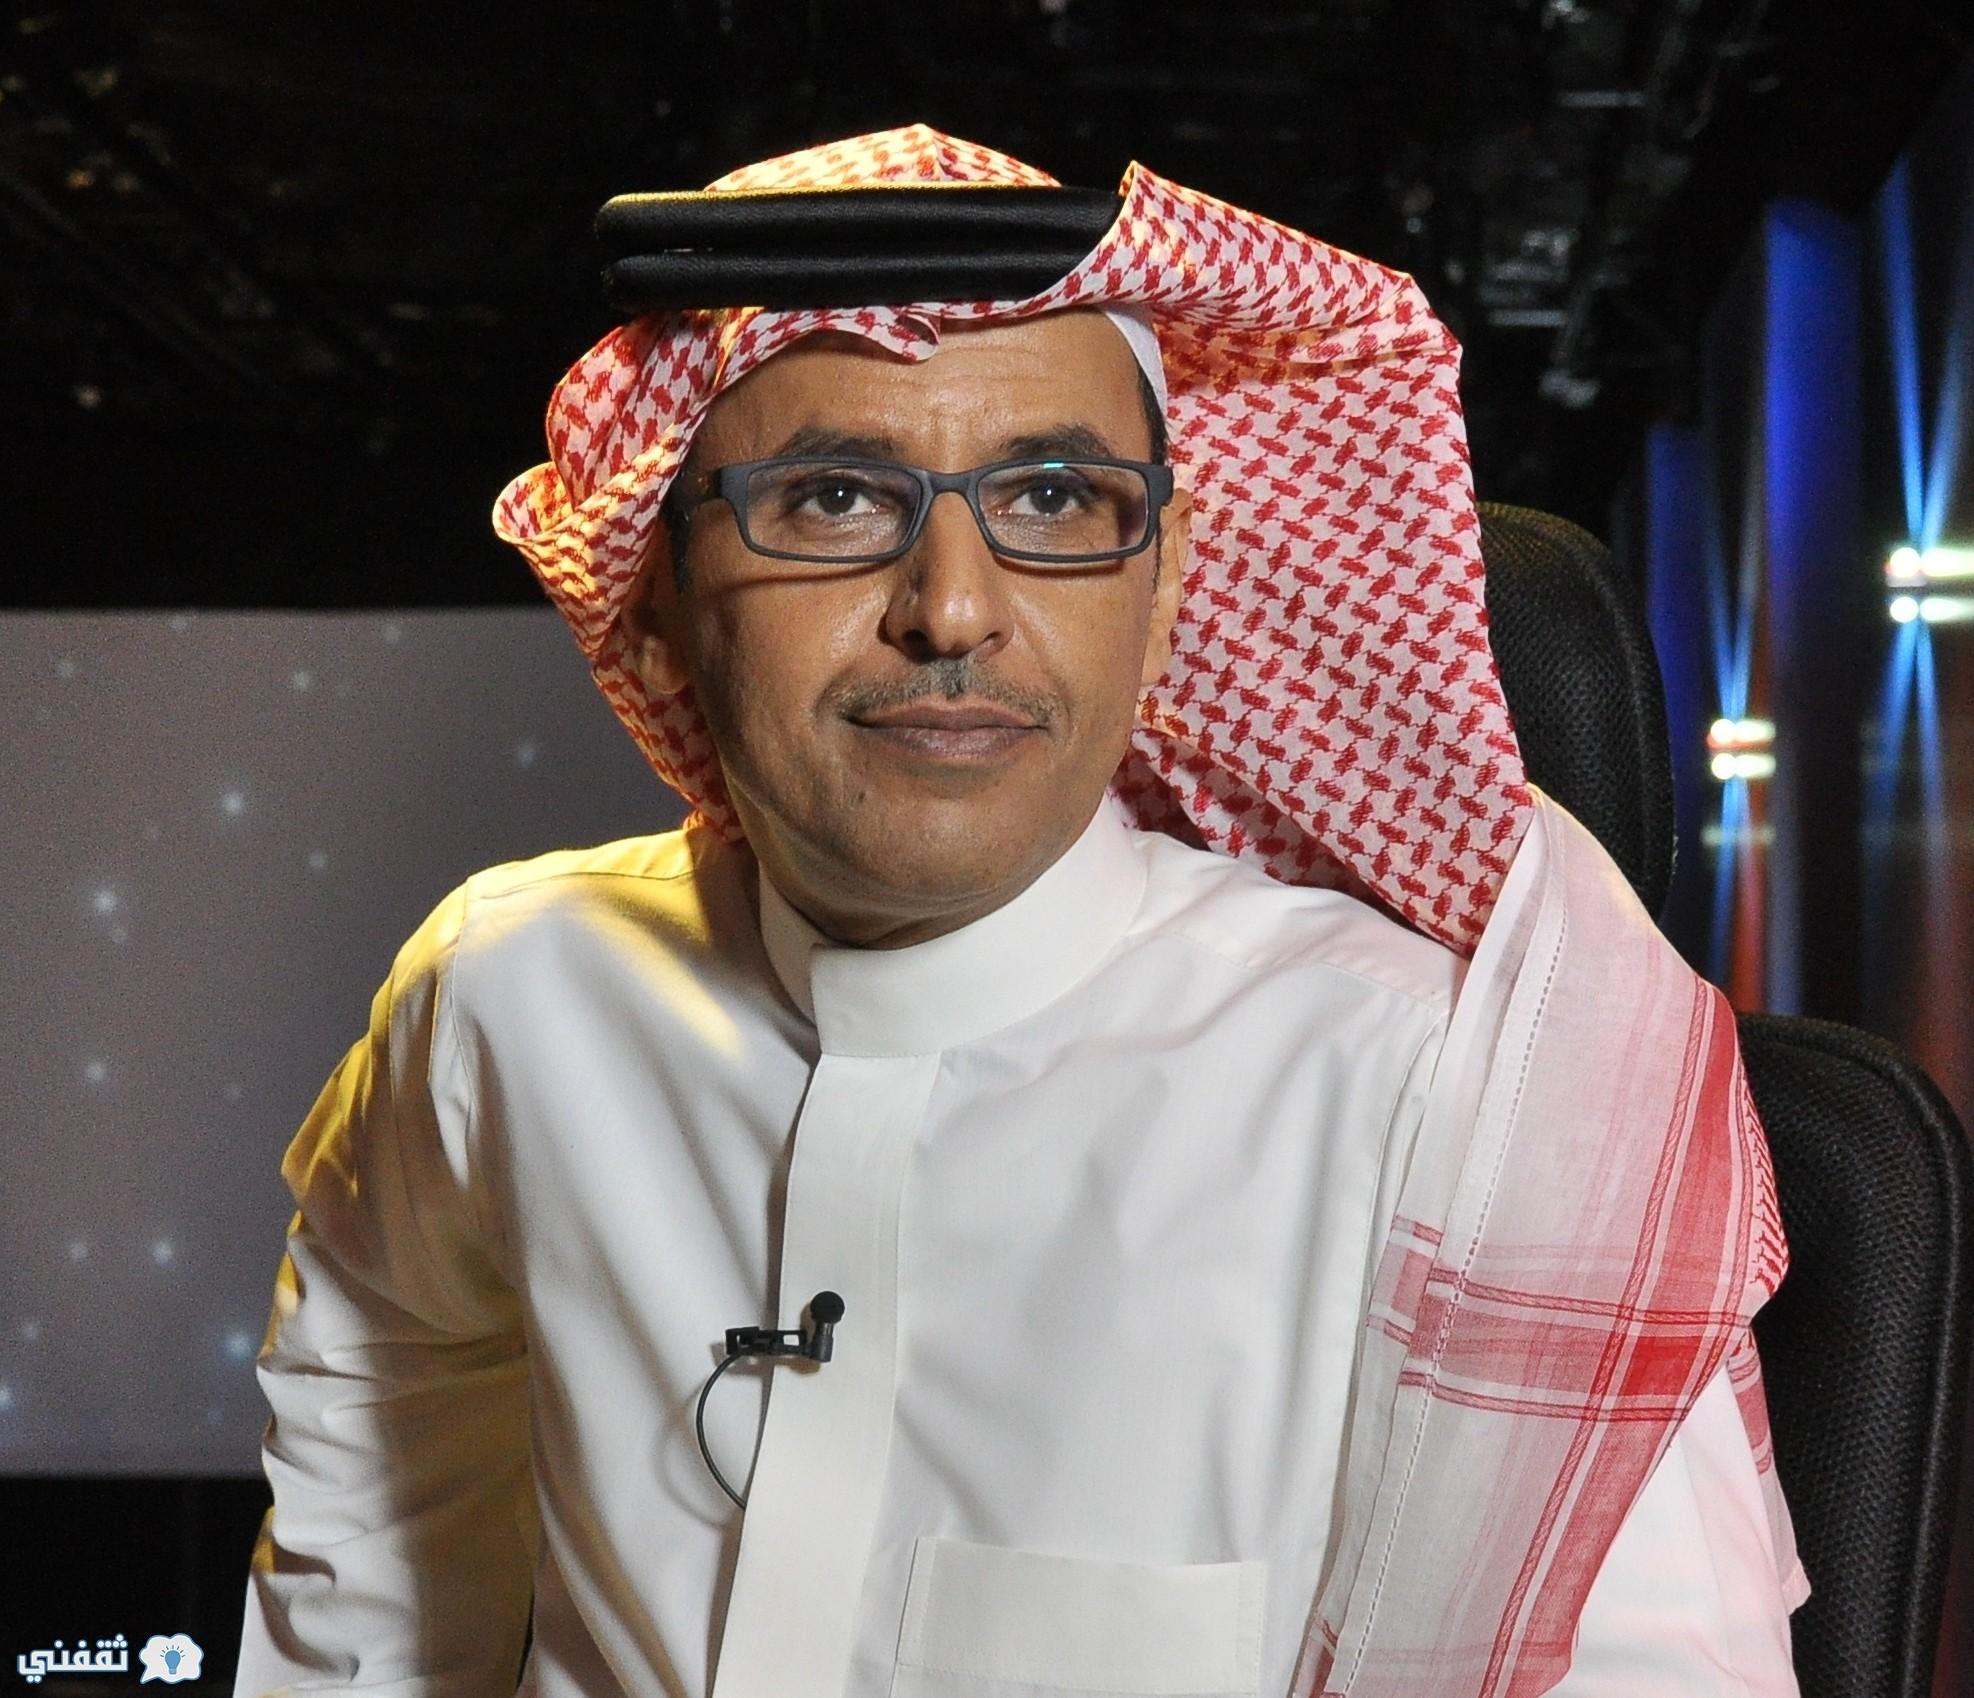 خبر تعيين الفنان عبدالله السناني مستشارا لوزير الإعلام خبر هز السعوديين